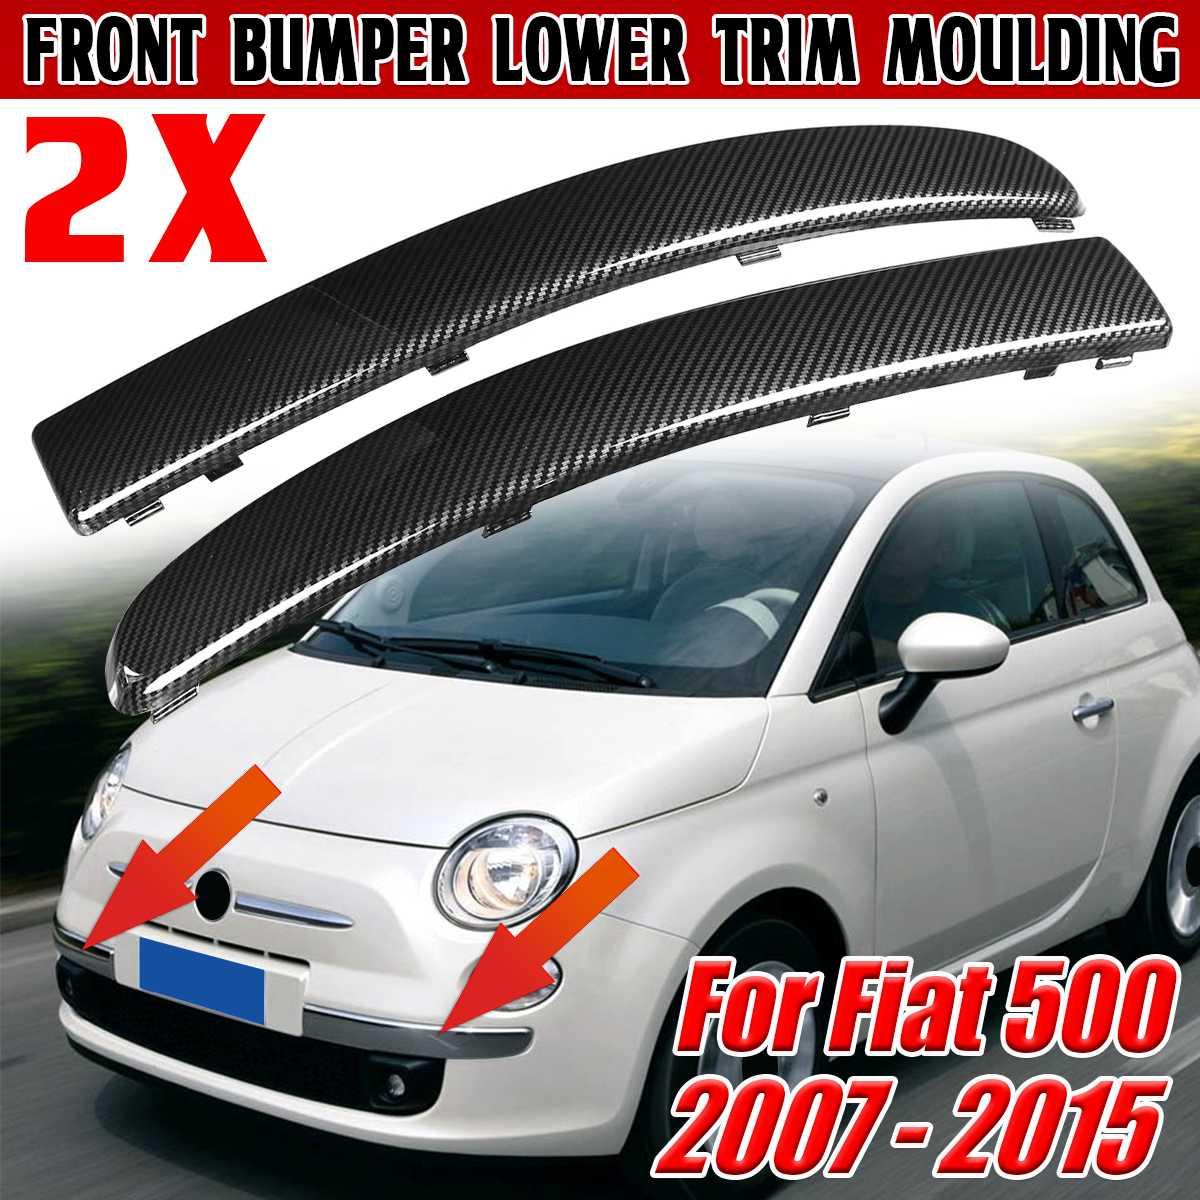 Пара, молдинги из углеродного волокна для переднего бампера автомобиля Fiat 500 2007-2015 735455056 735455057